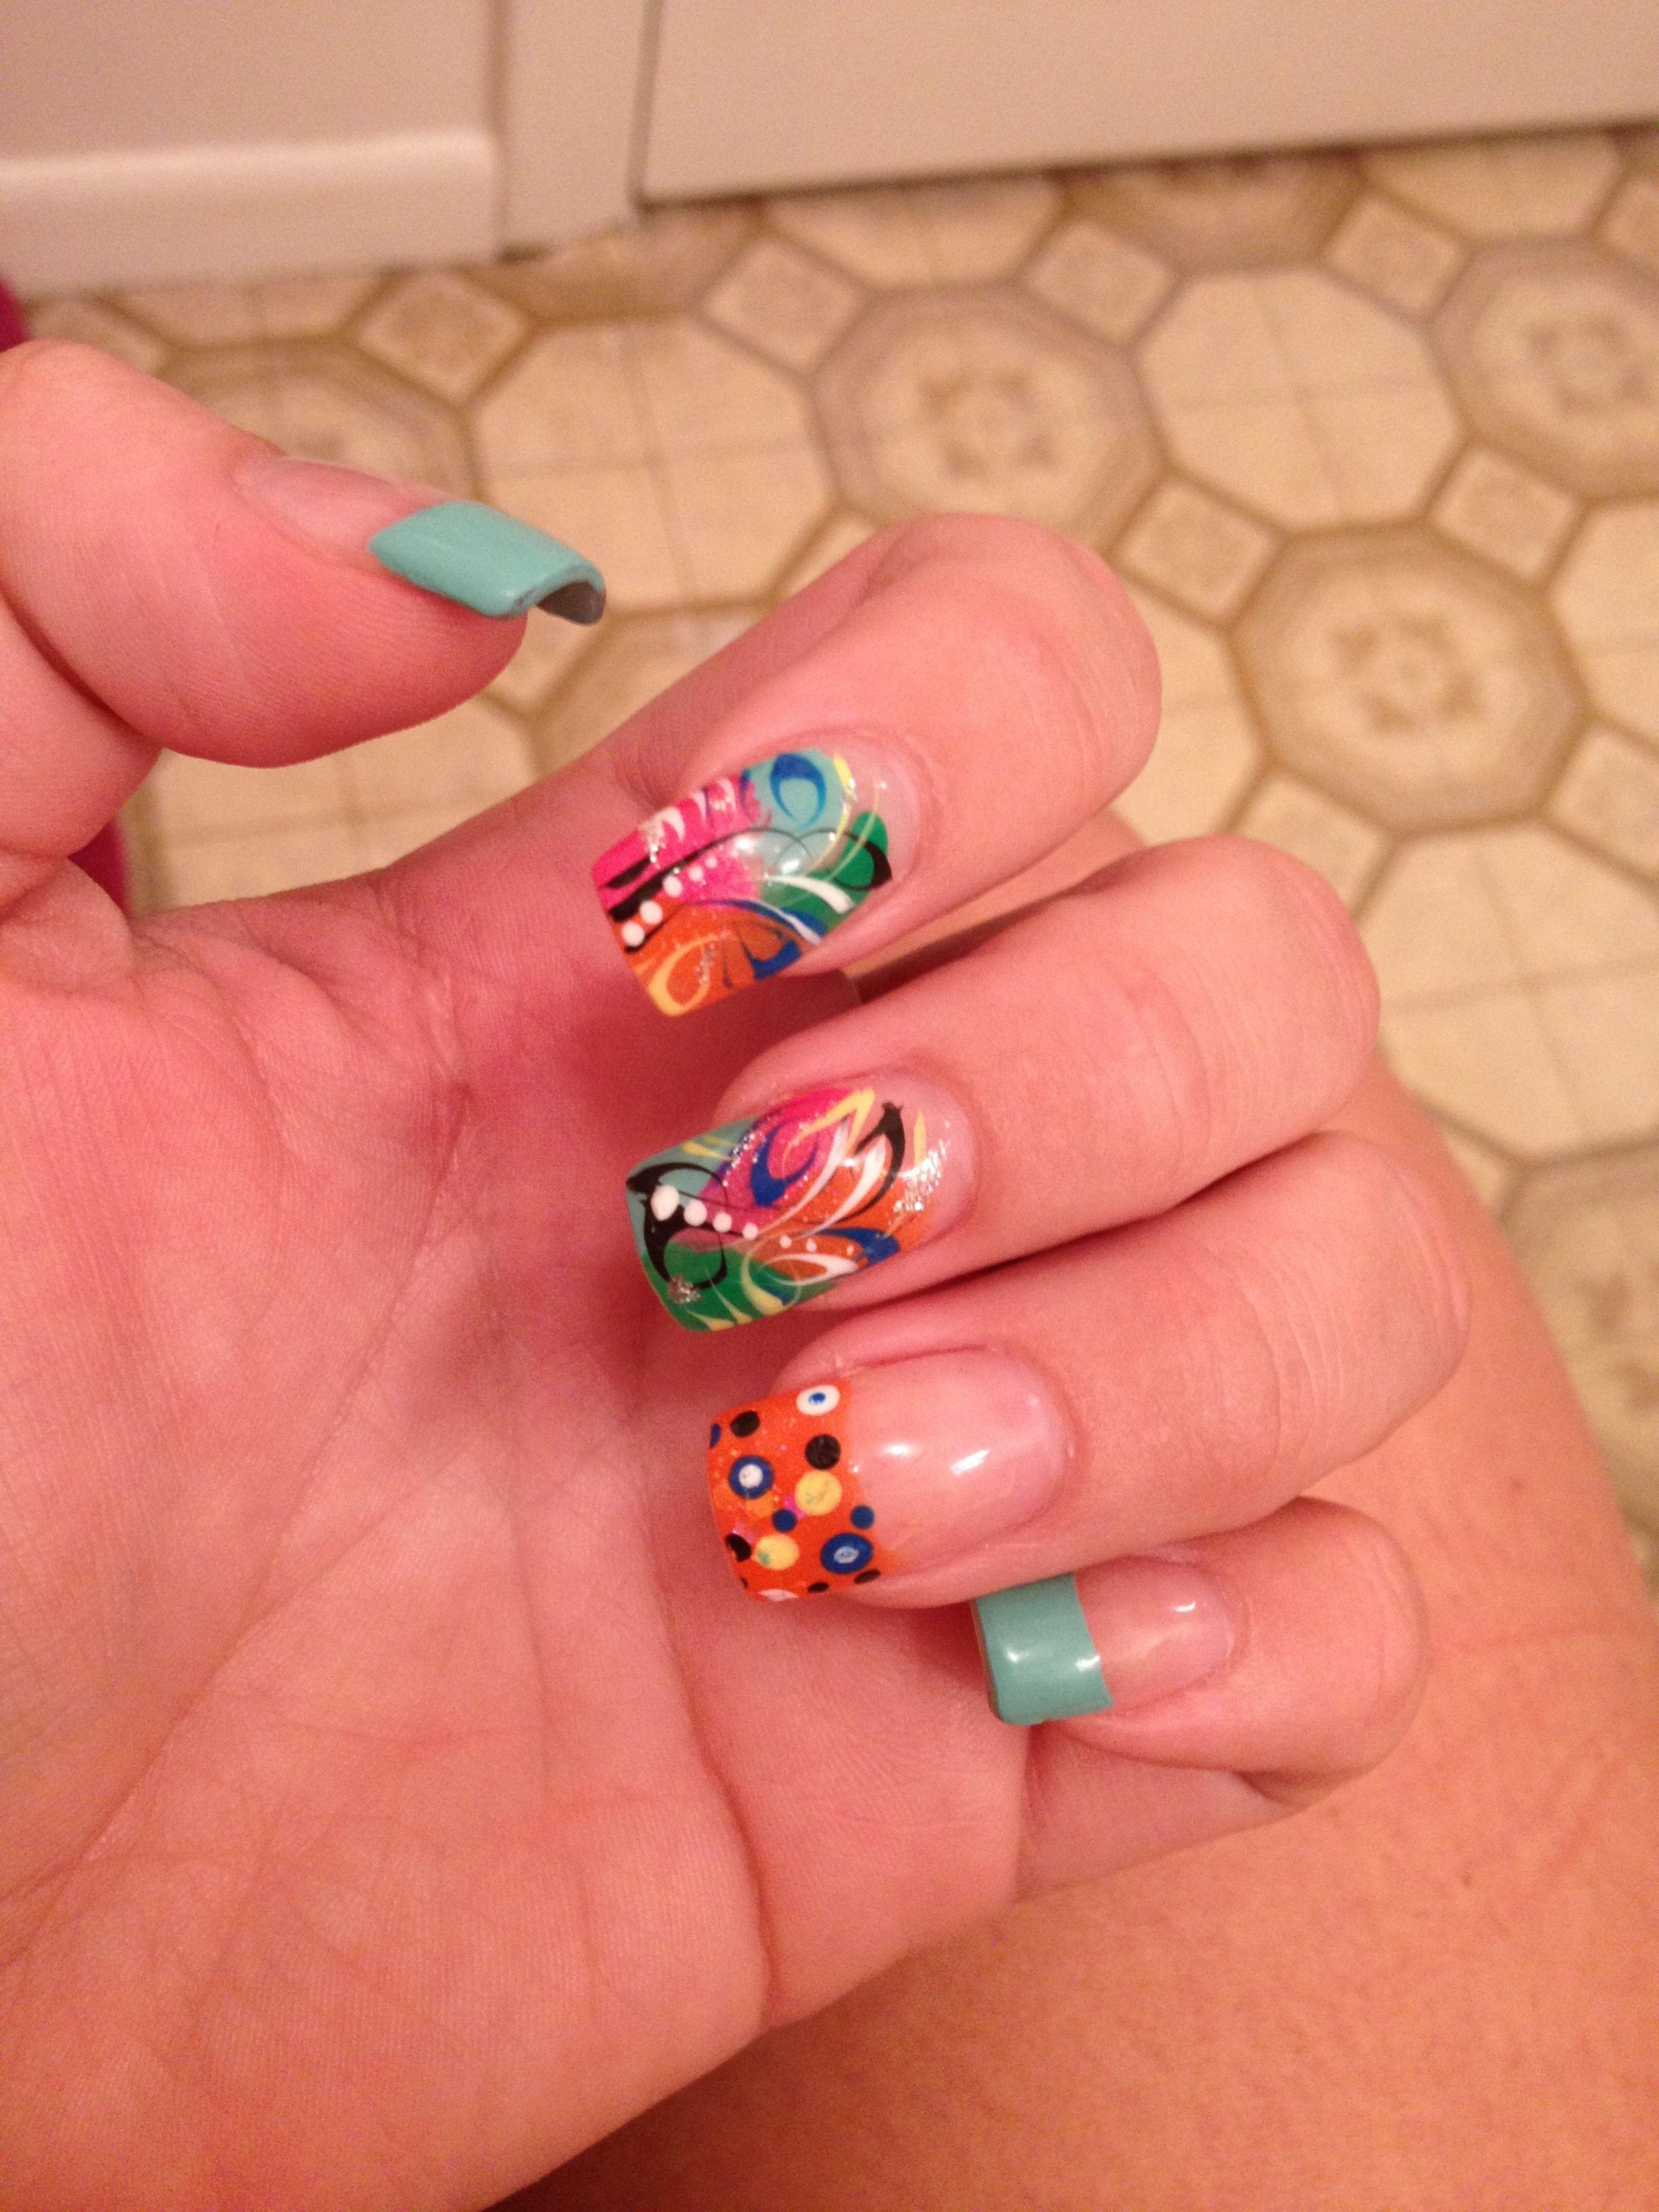 My new nail design! | Nails | Pinterest | Nail nail and Hair coloring